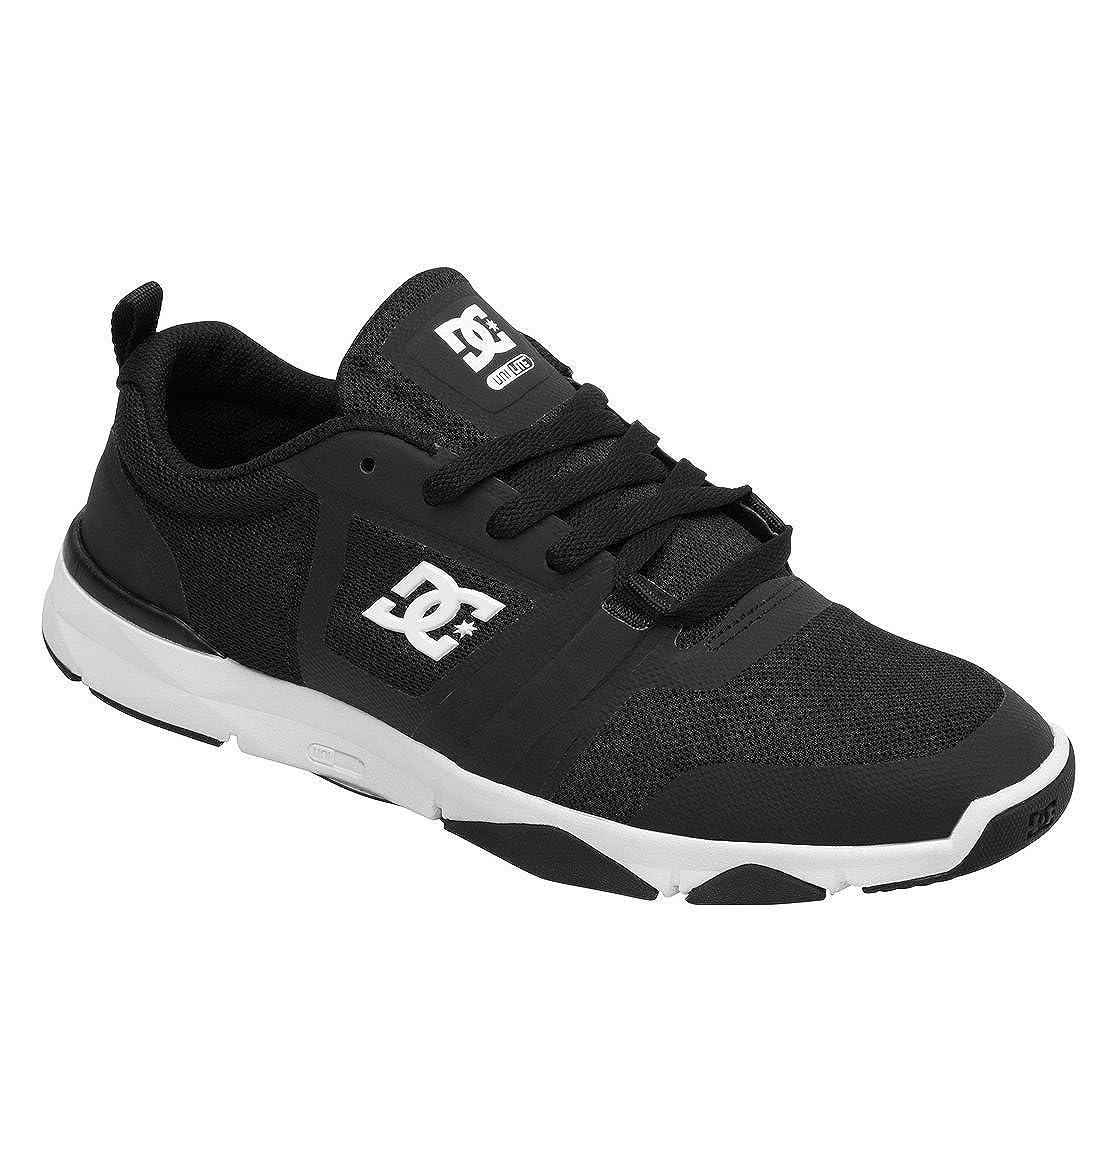 37c5ecc6d1682 Amazon.com: DC Men's Unilite Flex Trainer Sneaker: Shoes